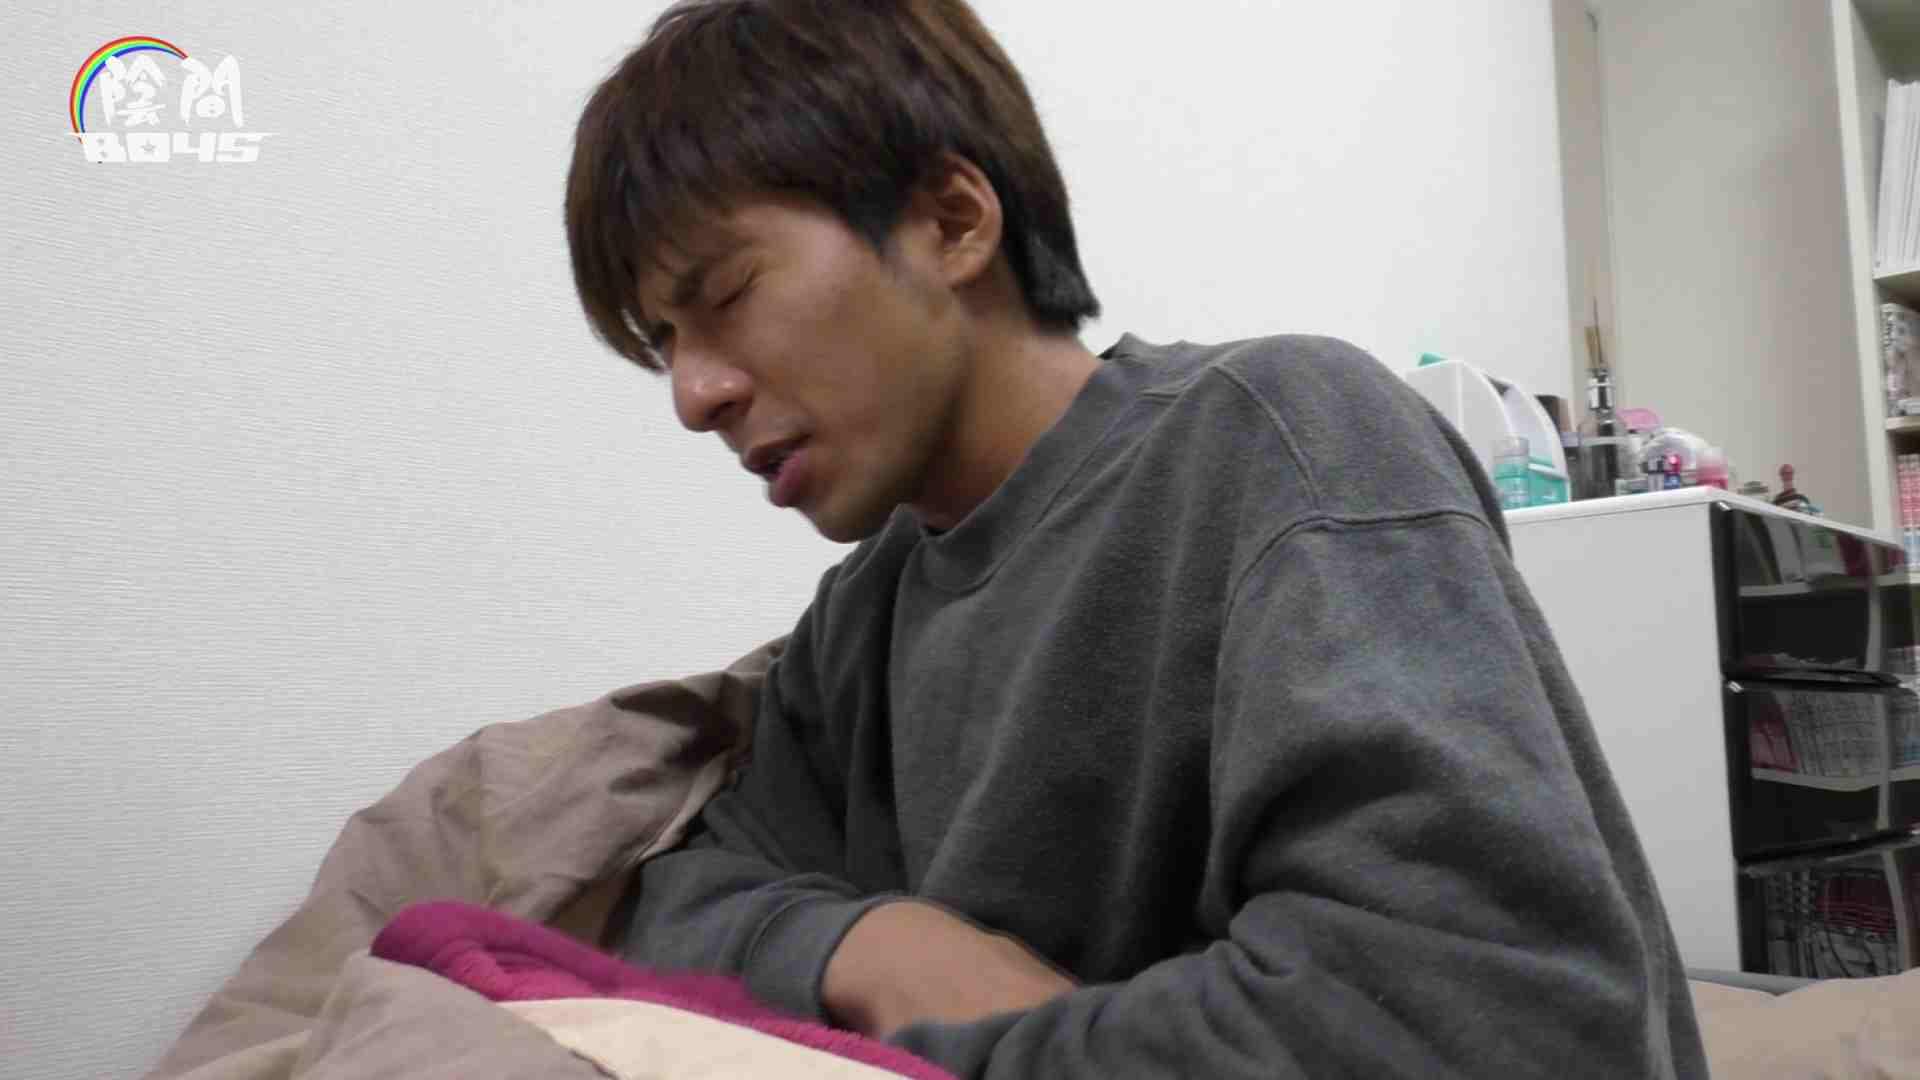 アナルは決して眠らない No.01 アナル ゲイザーメン画像 90枚 5